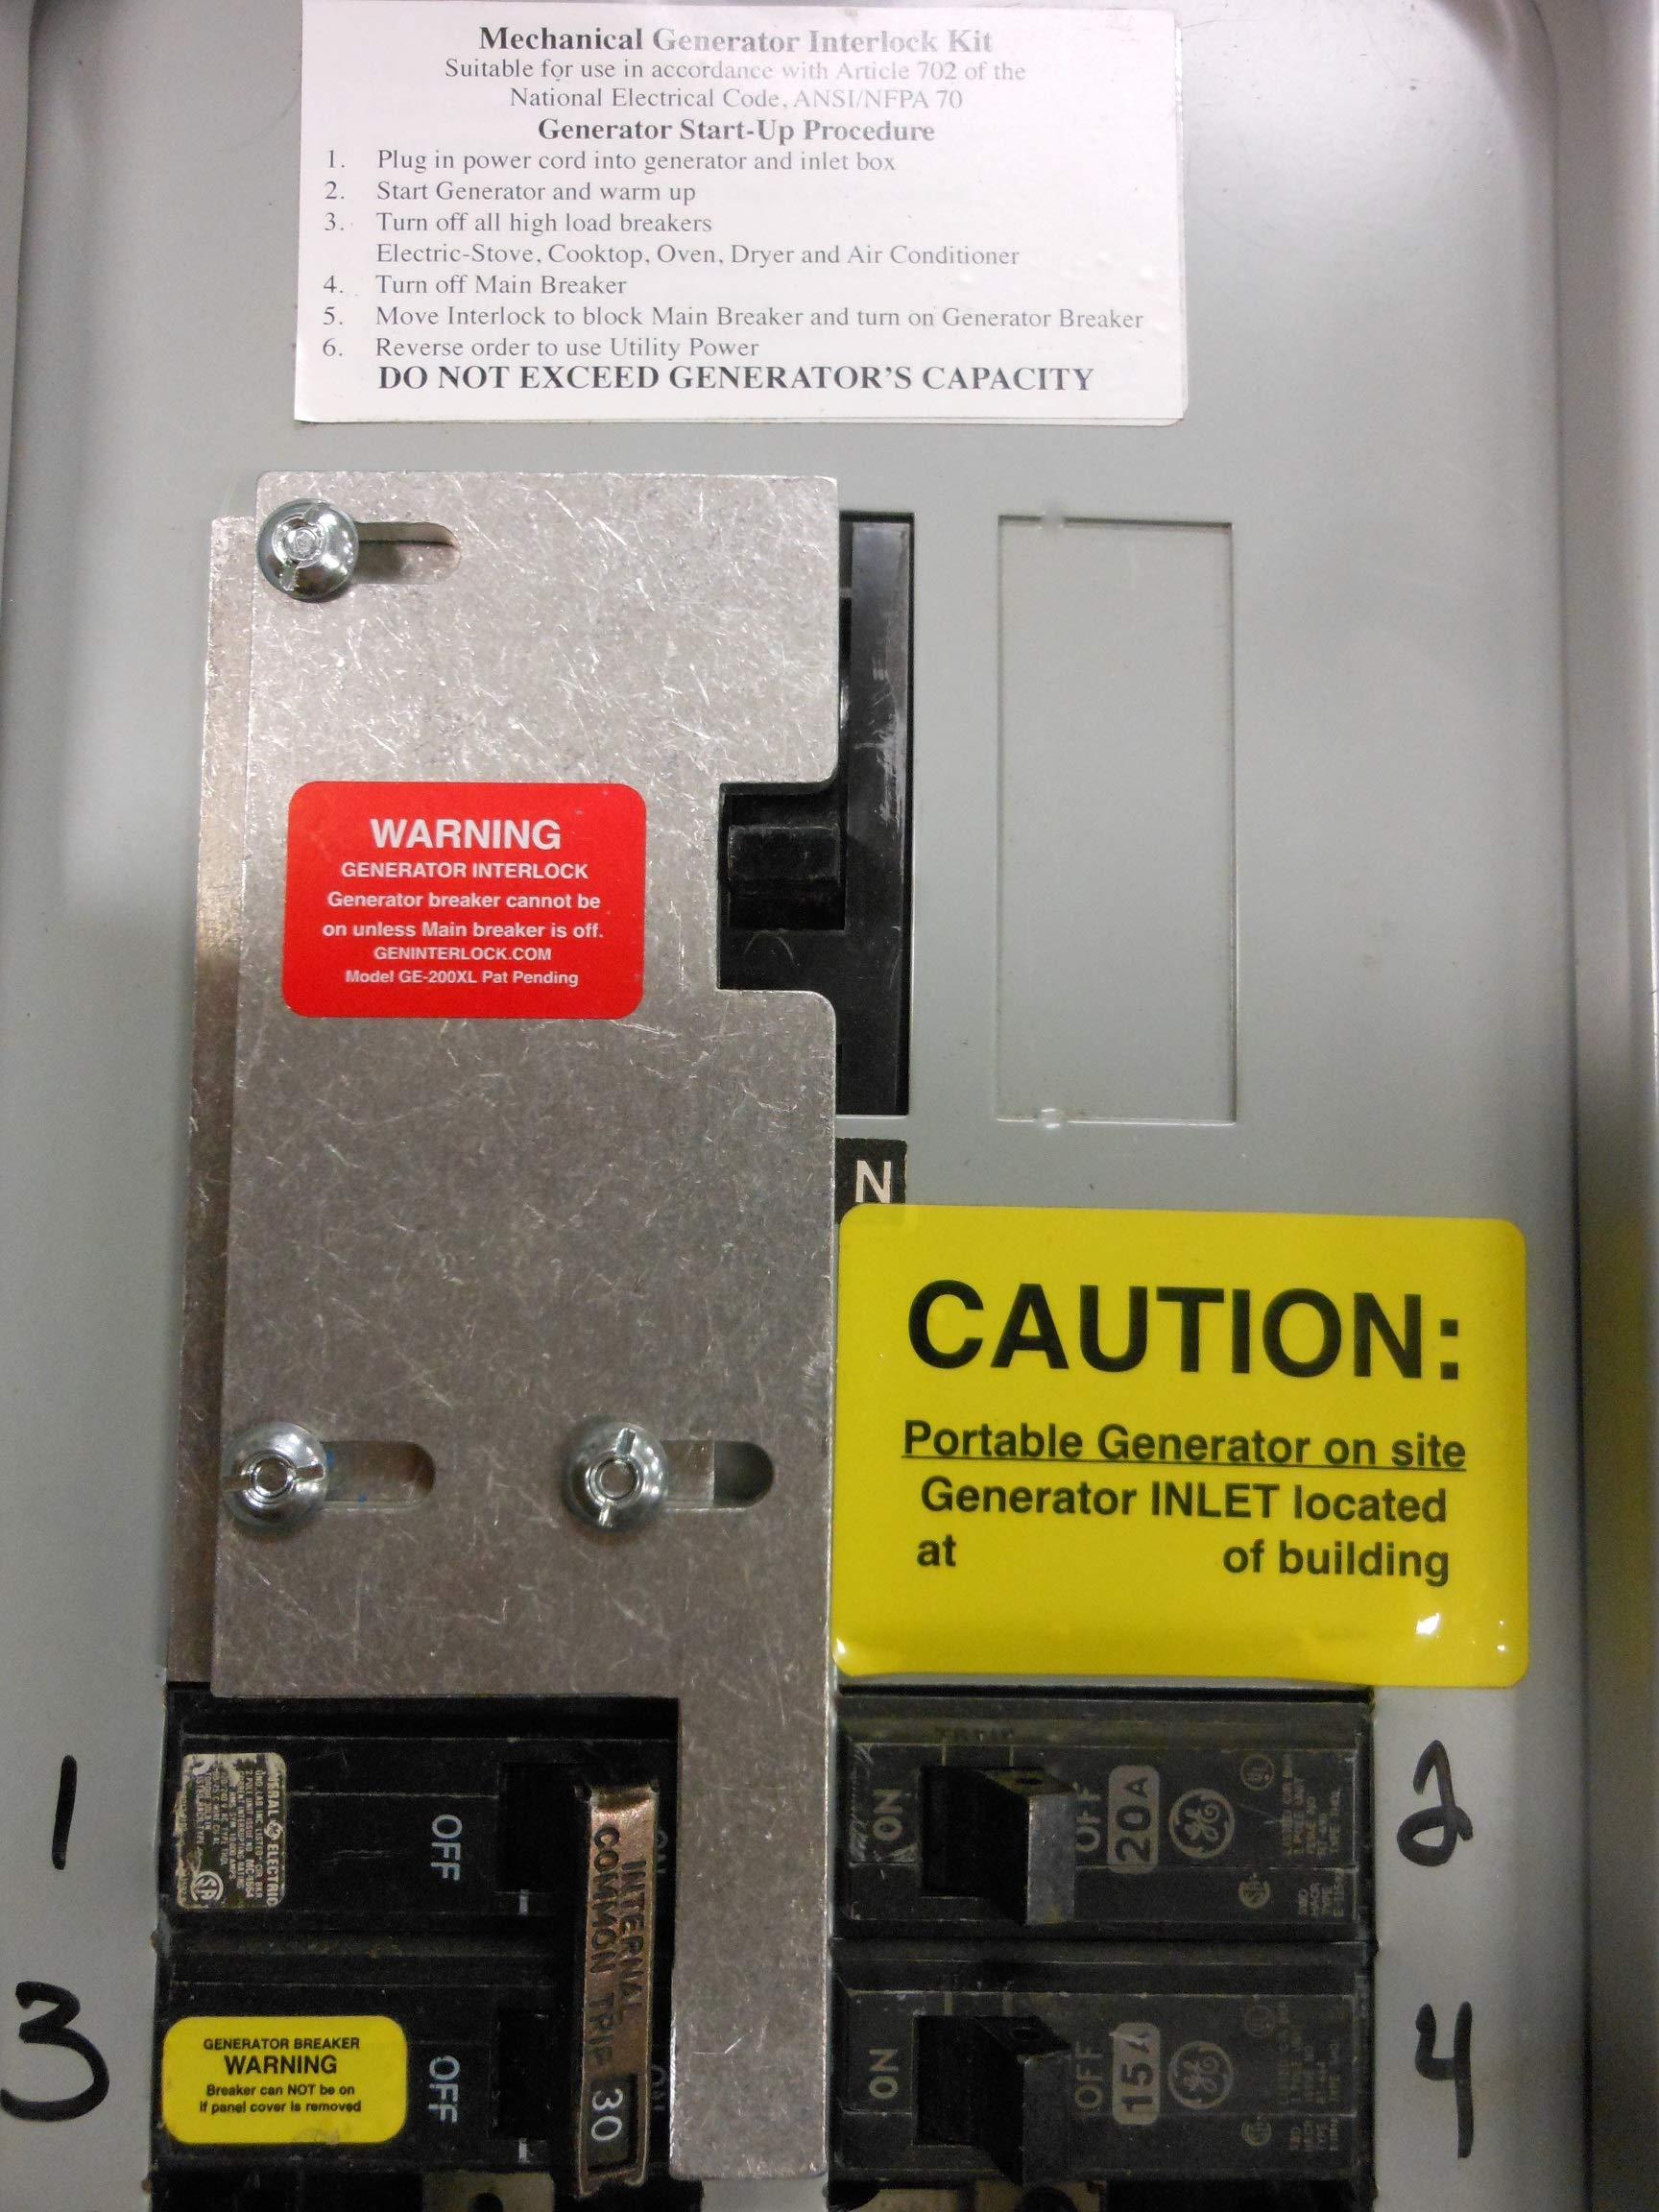 GE-200VL GE General Electric Generator Interlock Kit for Vertical Main 150 or 200 amp breaker by Geninterlock.com (Image #3)